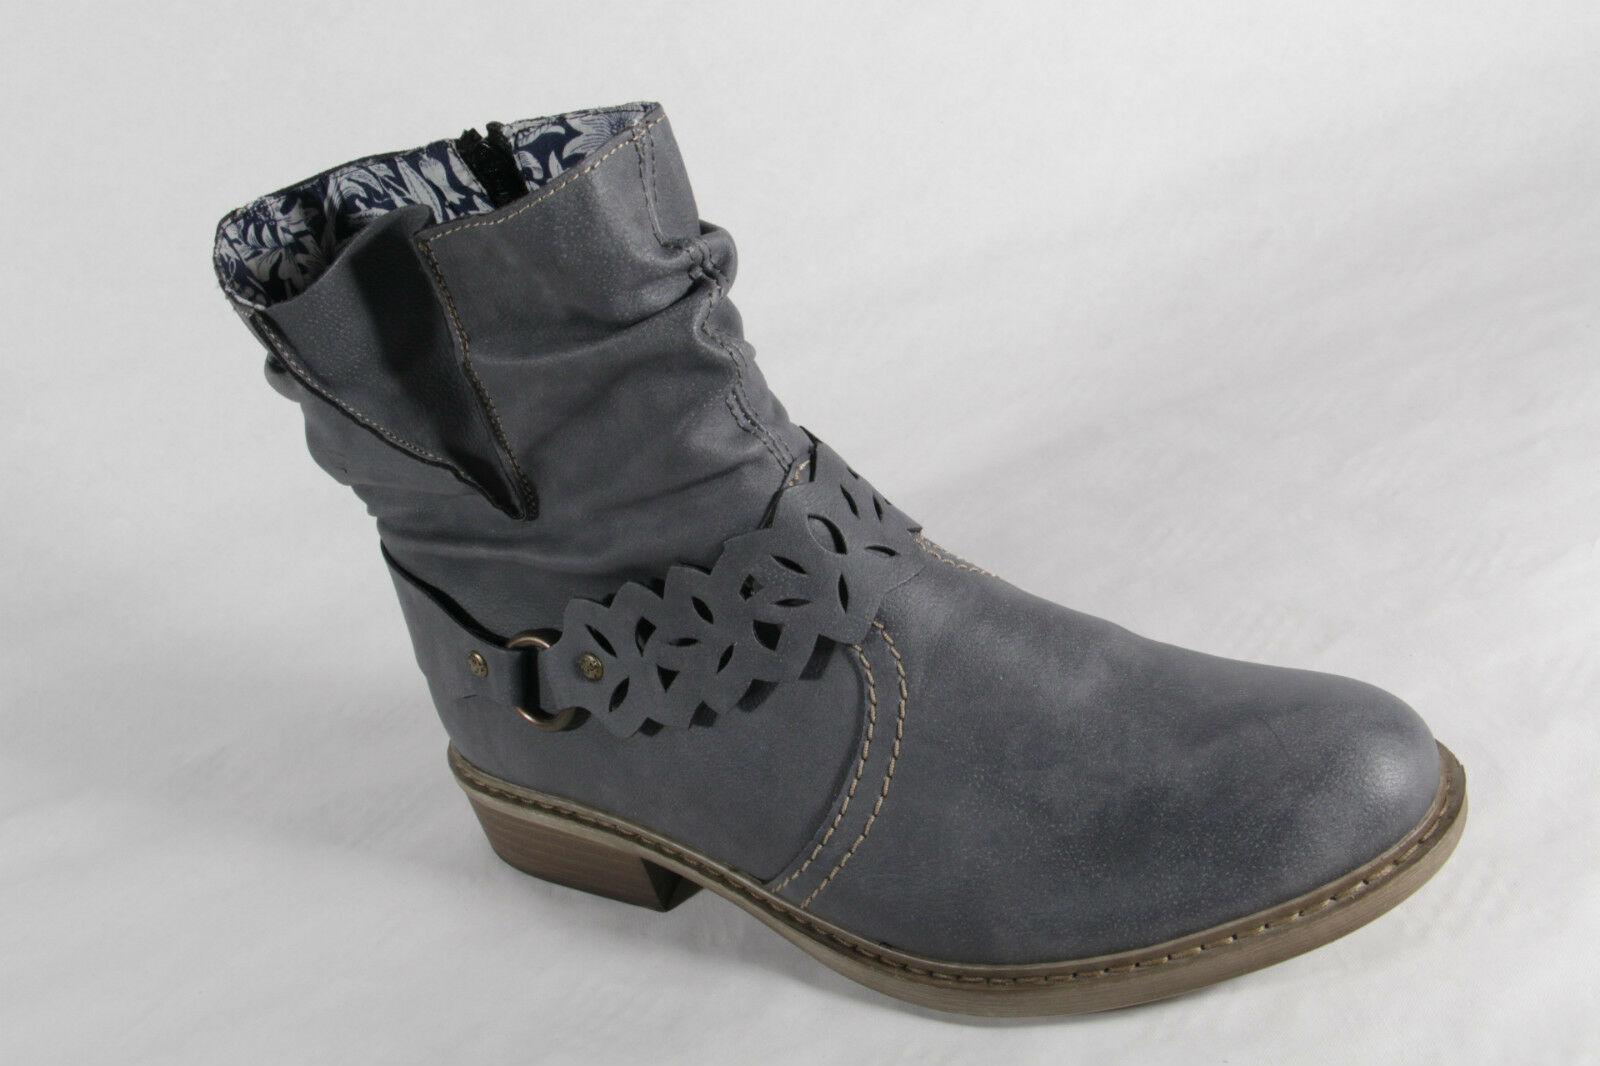 Rieker Damen Stiefel Siefeletten Boots Kunstleder blau NEU!